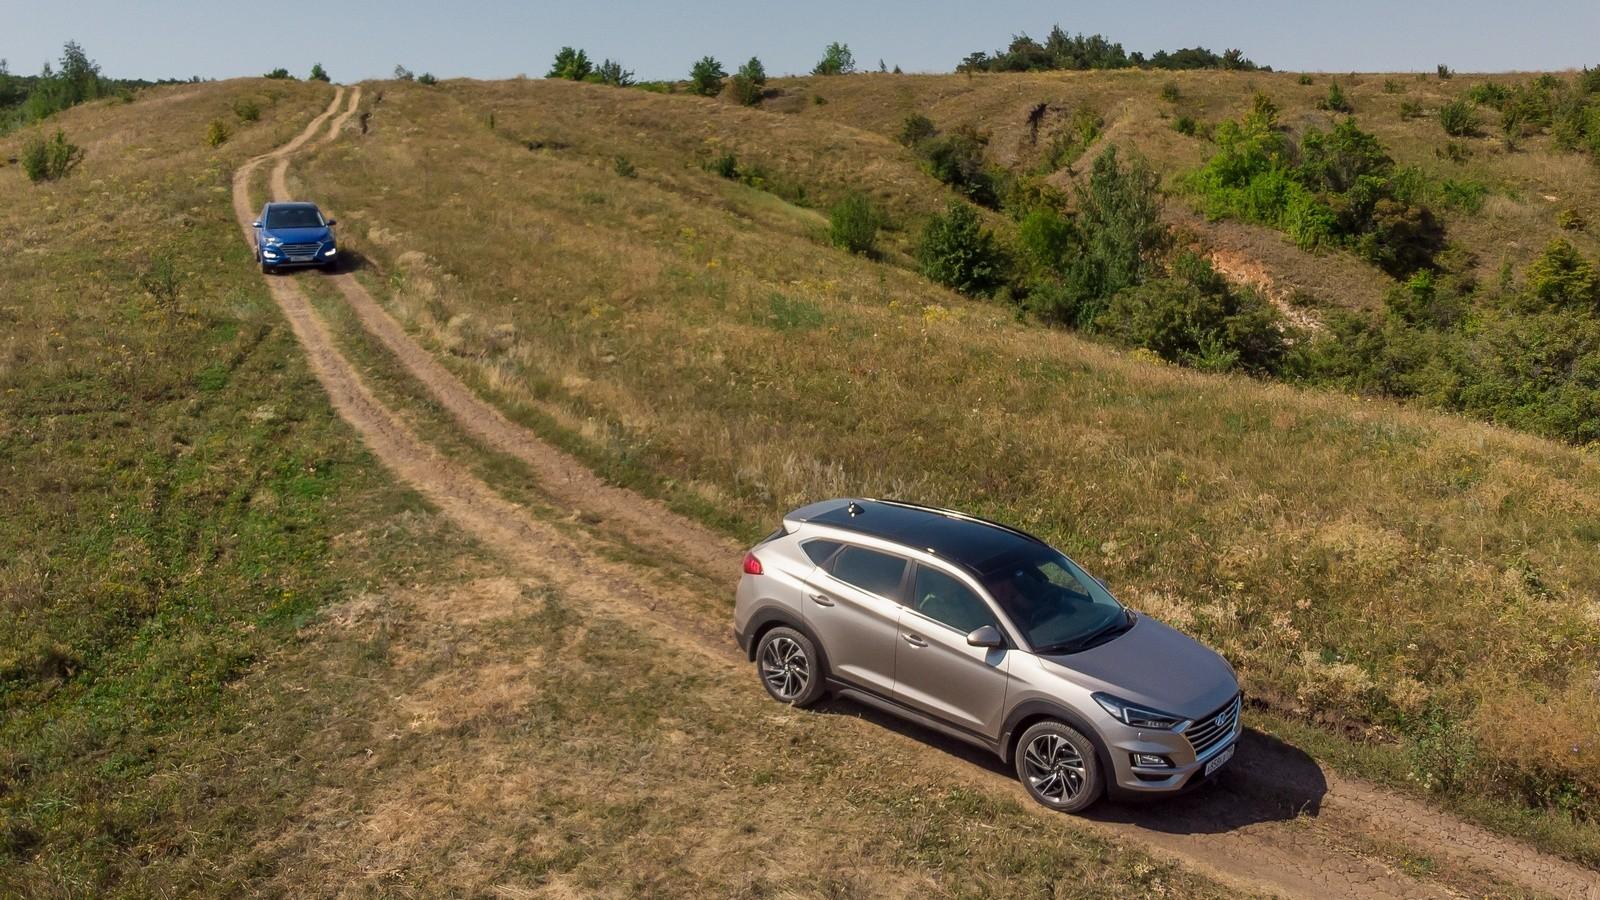 Hyundai_Tucson на сельской дороге